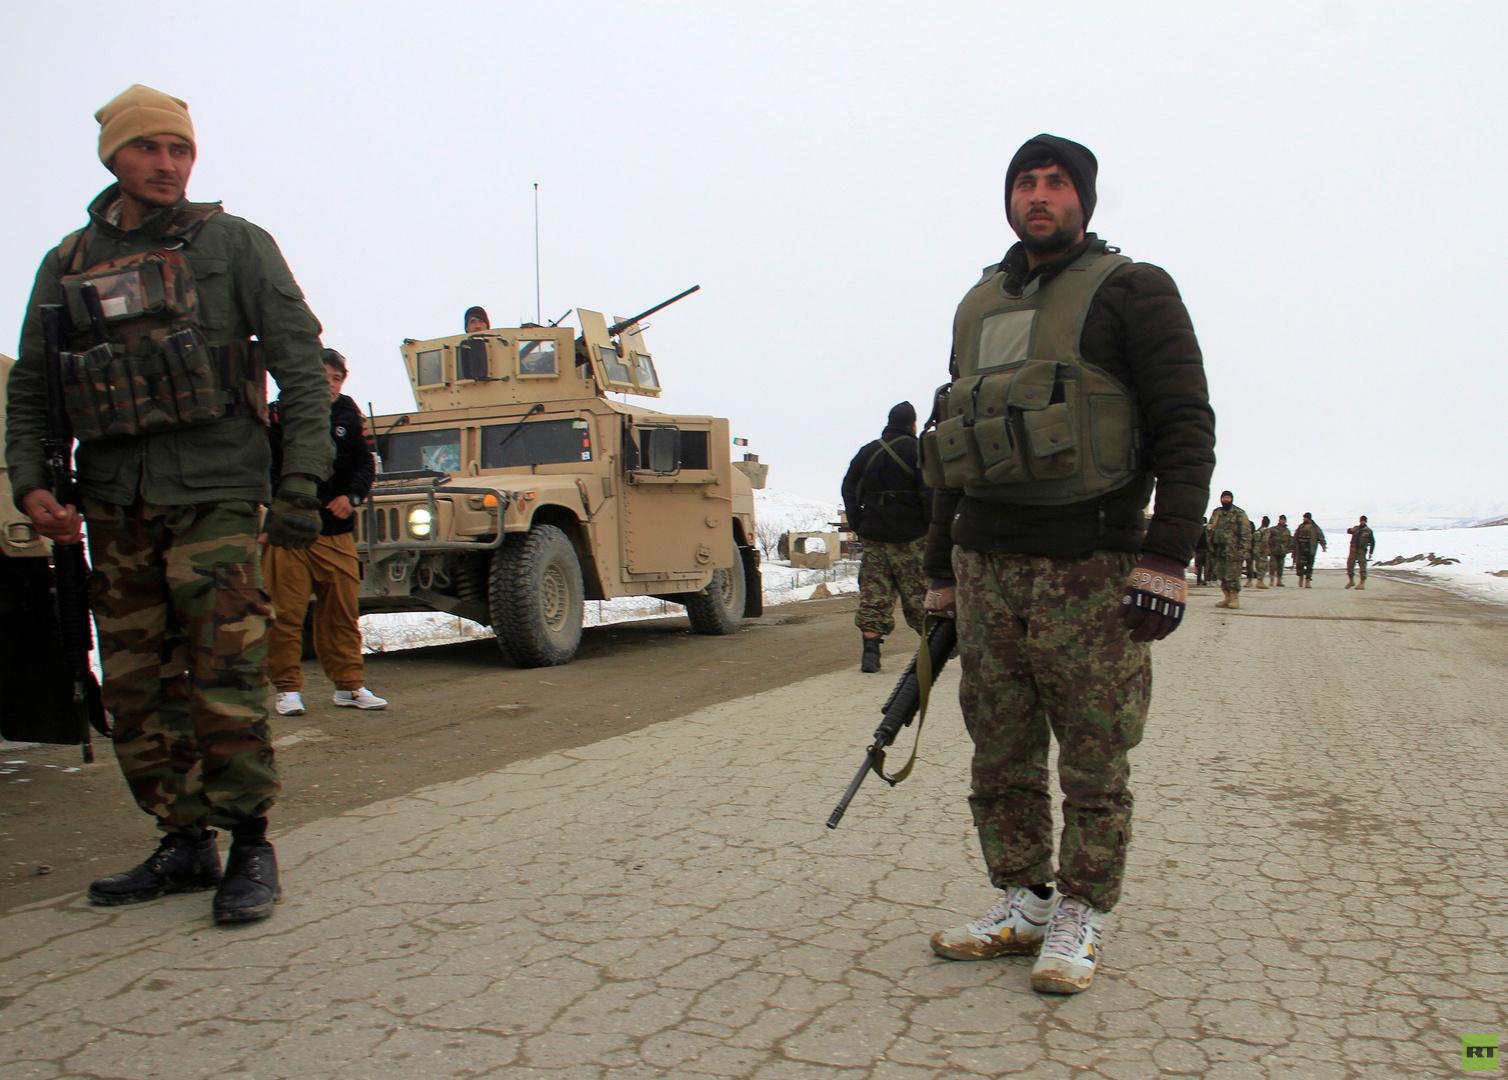 تصفية 35 مسلحا في أفغانستان من بينهم المسؤول عن السلاح الليزري